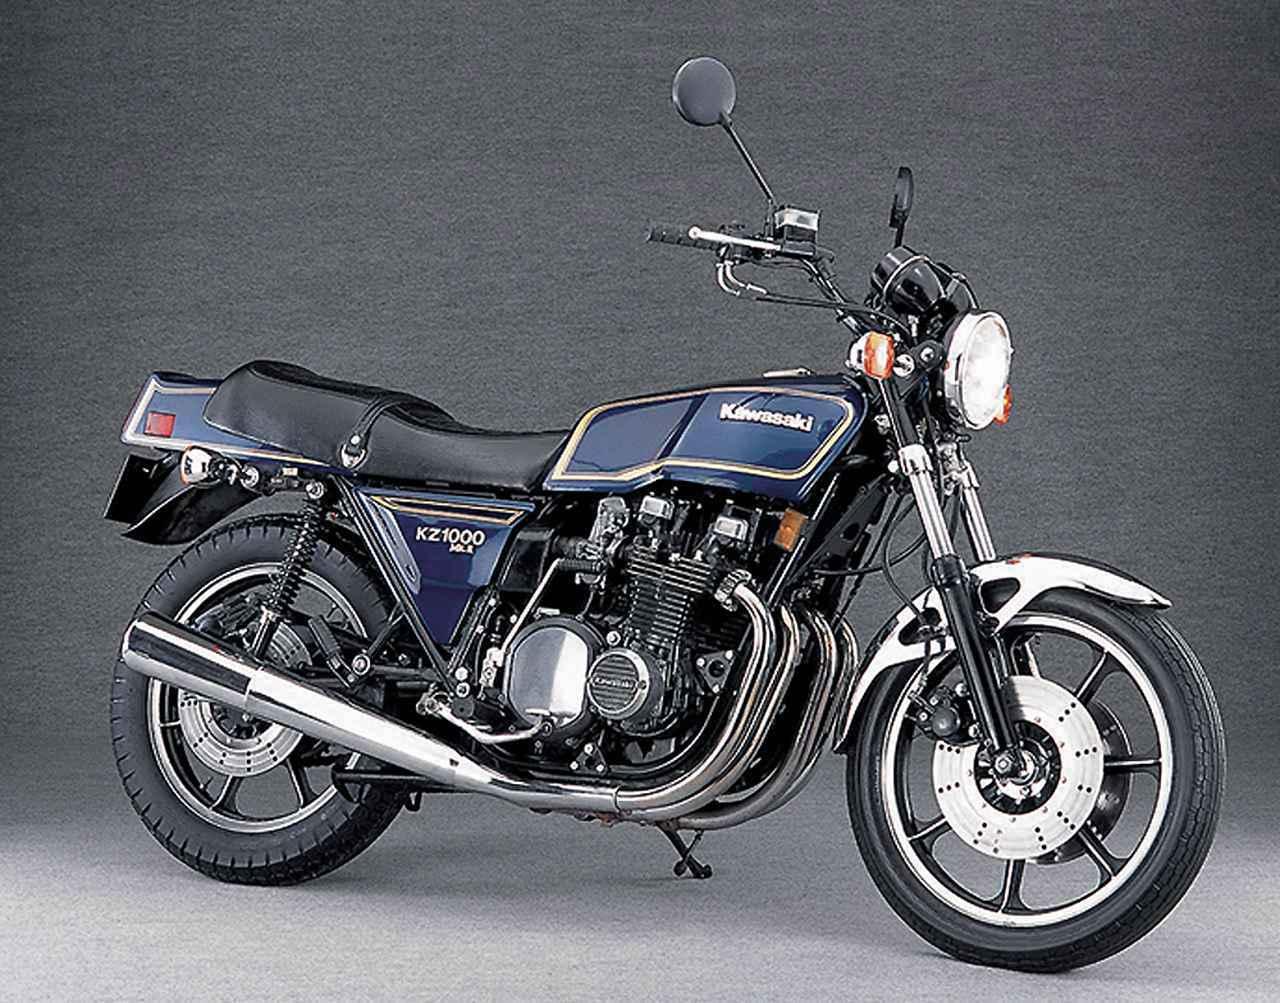 画像: カワサキ「Z1000」ヒストリーガイド【名車の歴史】 - webオートバイ